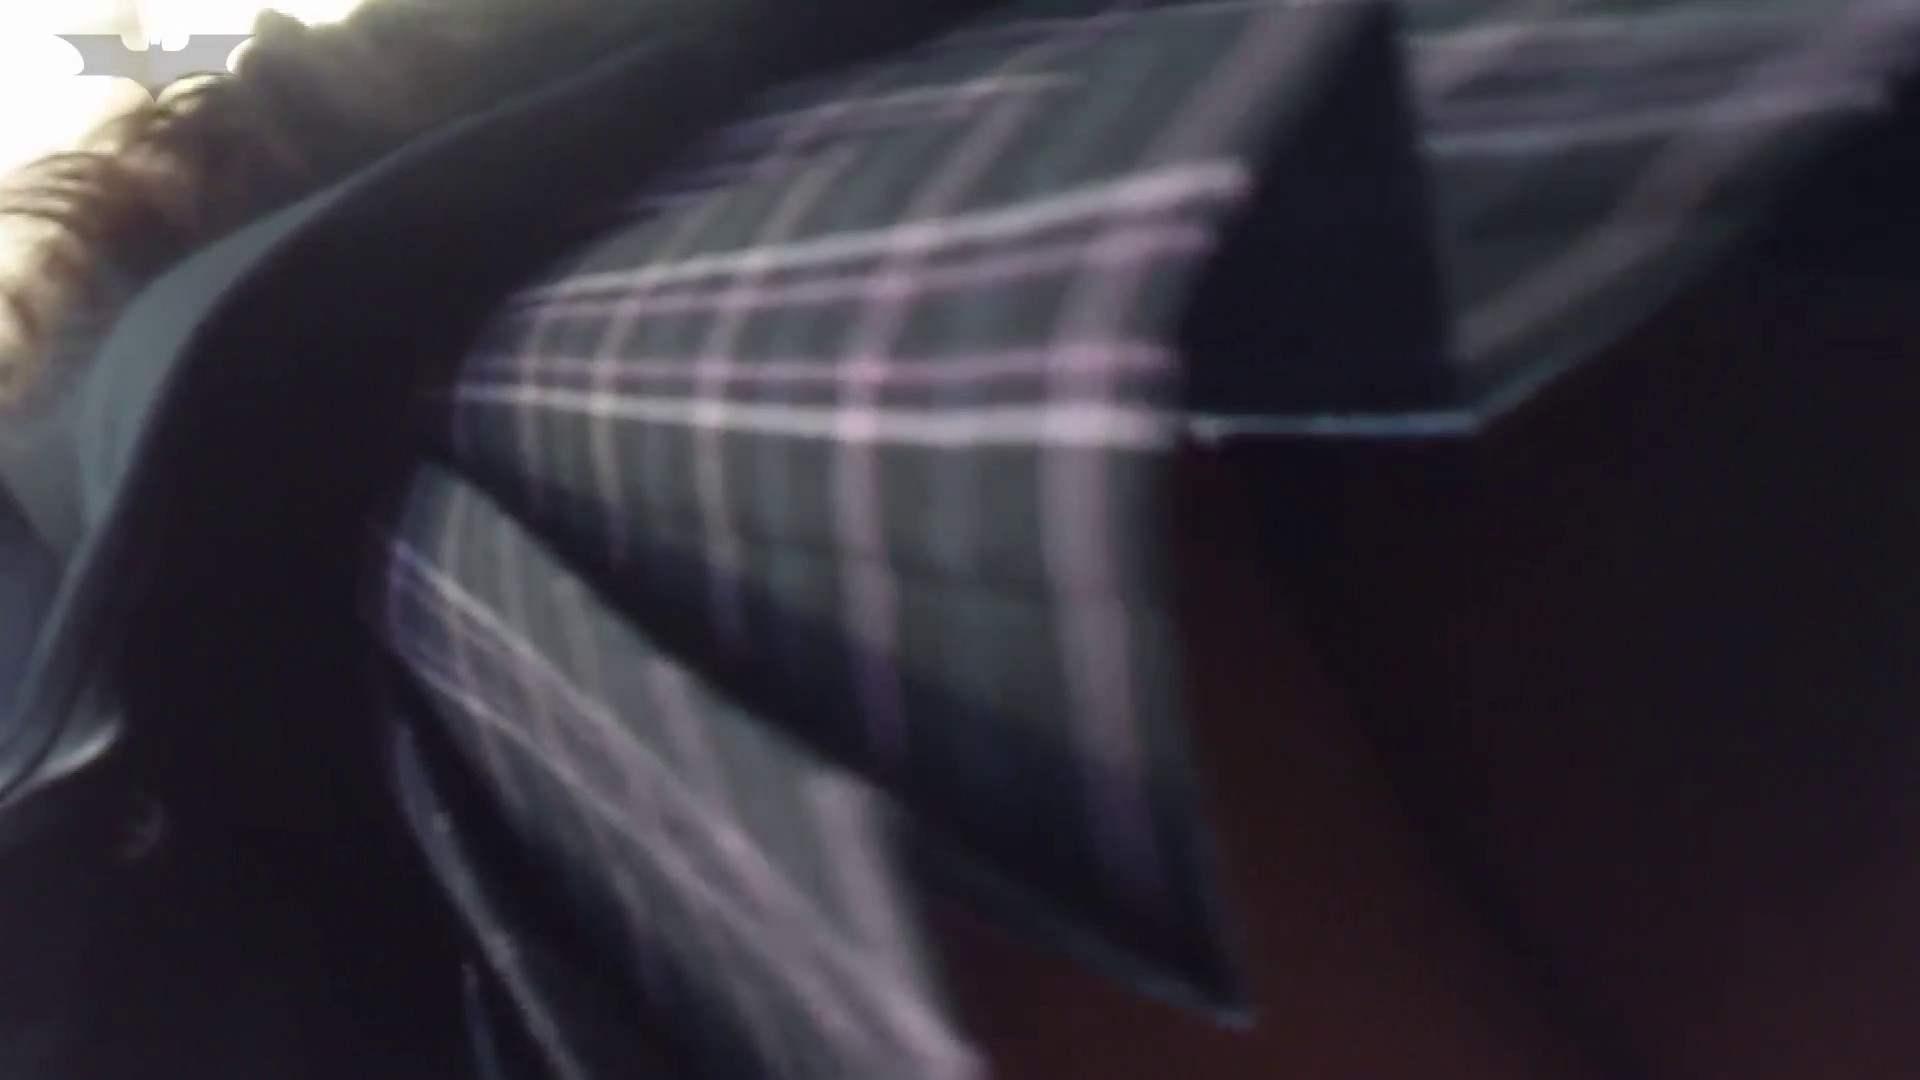 盗撮列車 Vol.14 お嬢様のバックプリントパンツ パンツ | 盗撮エロすぎ  99連発 59